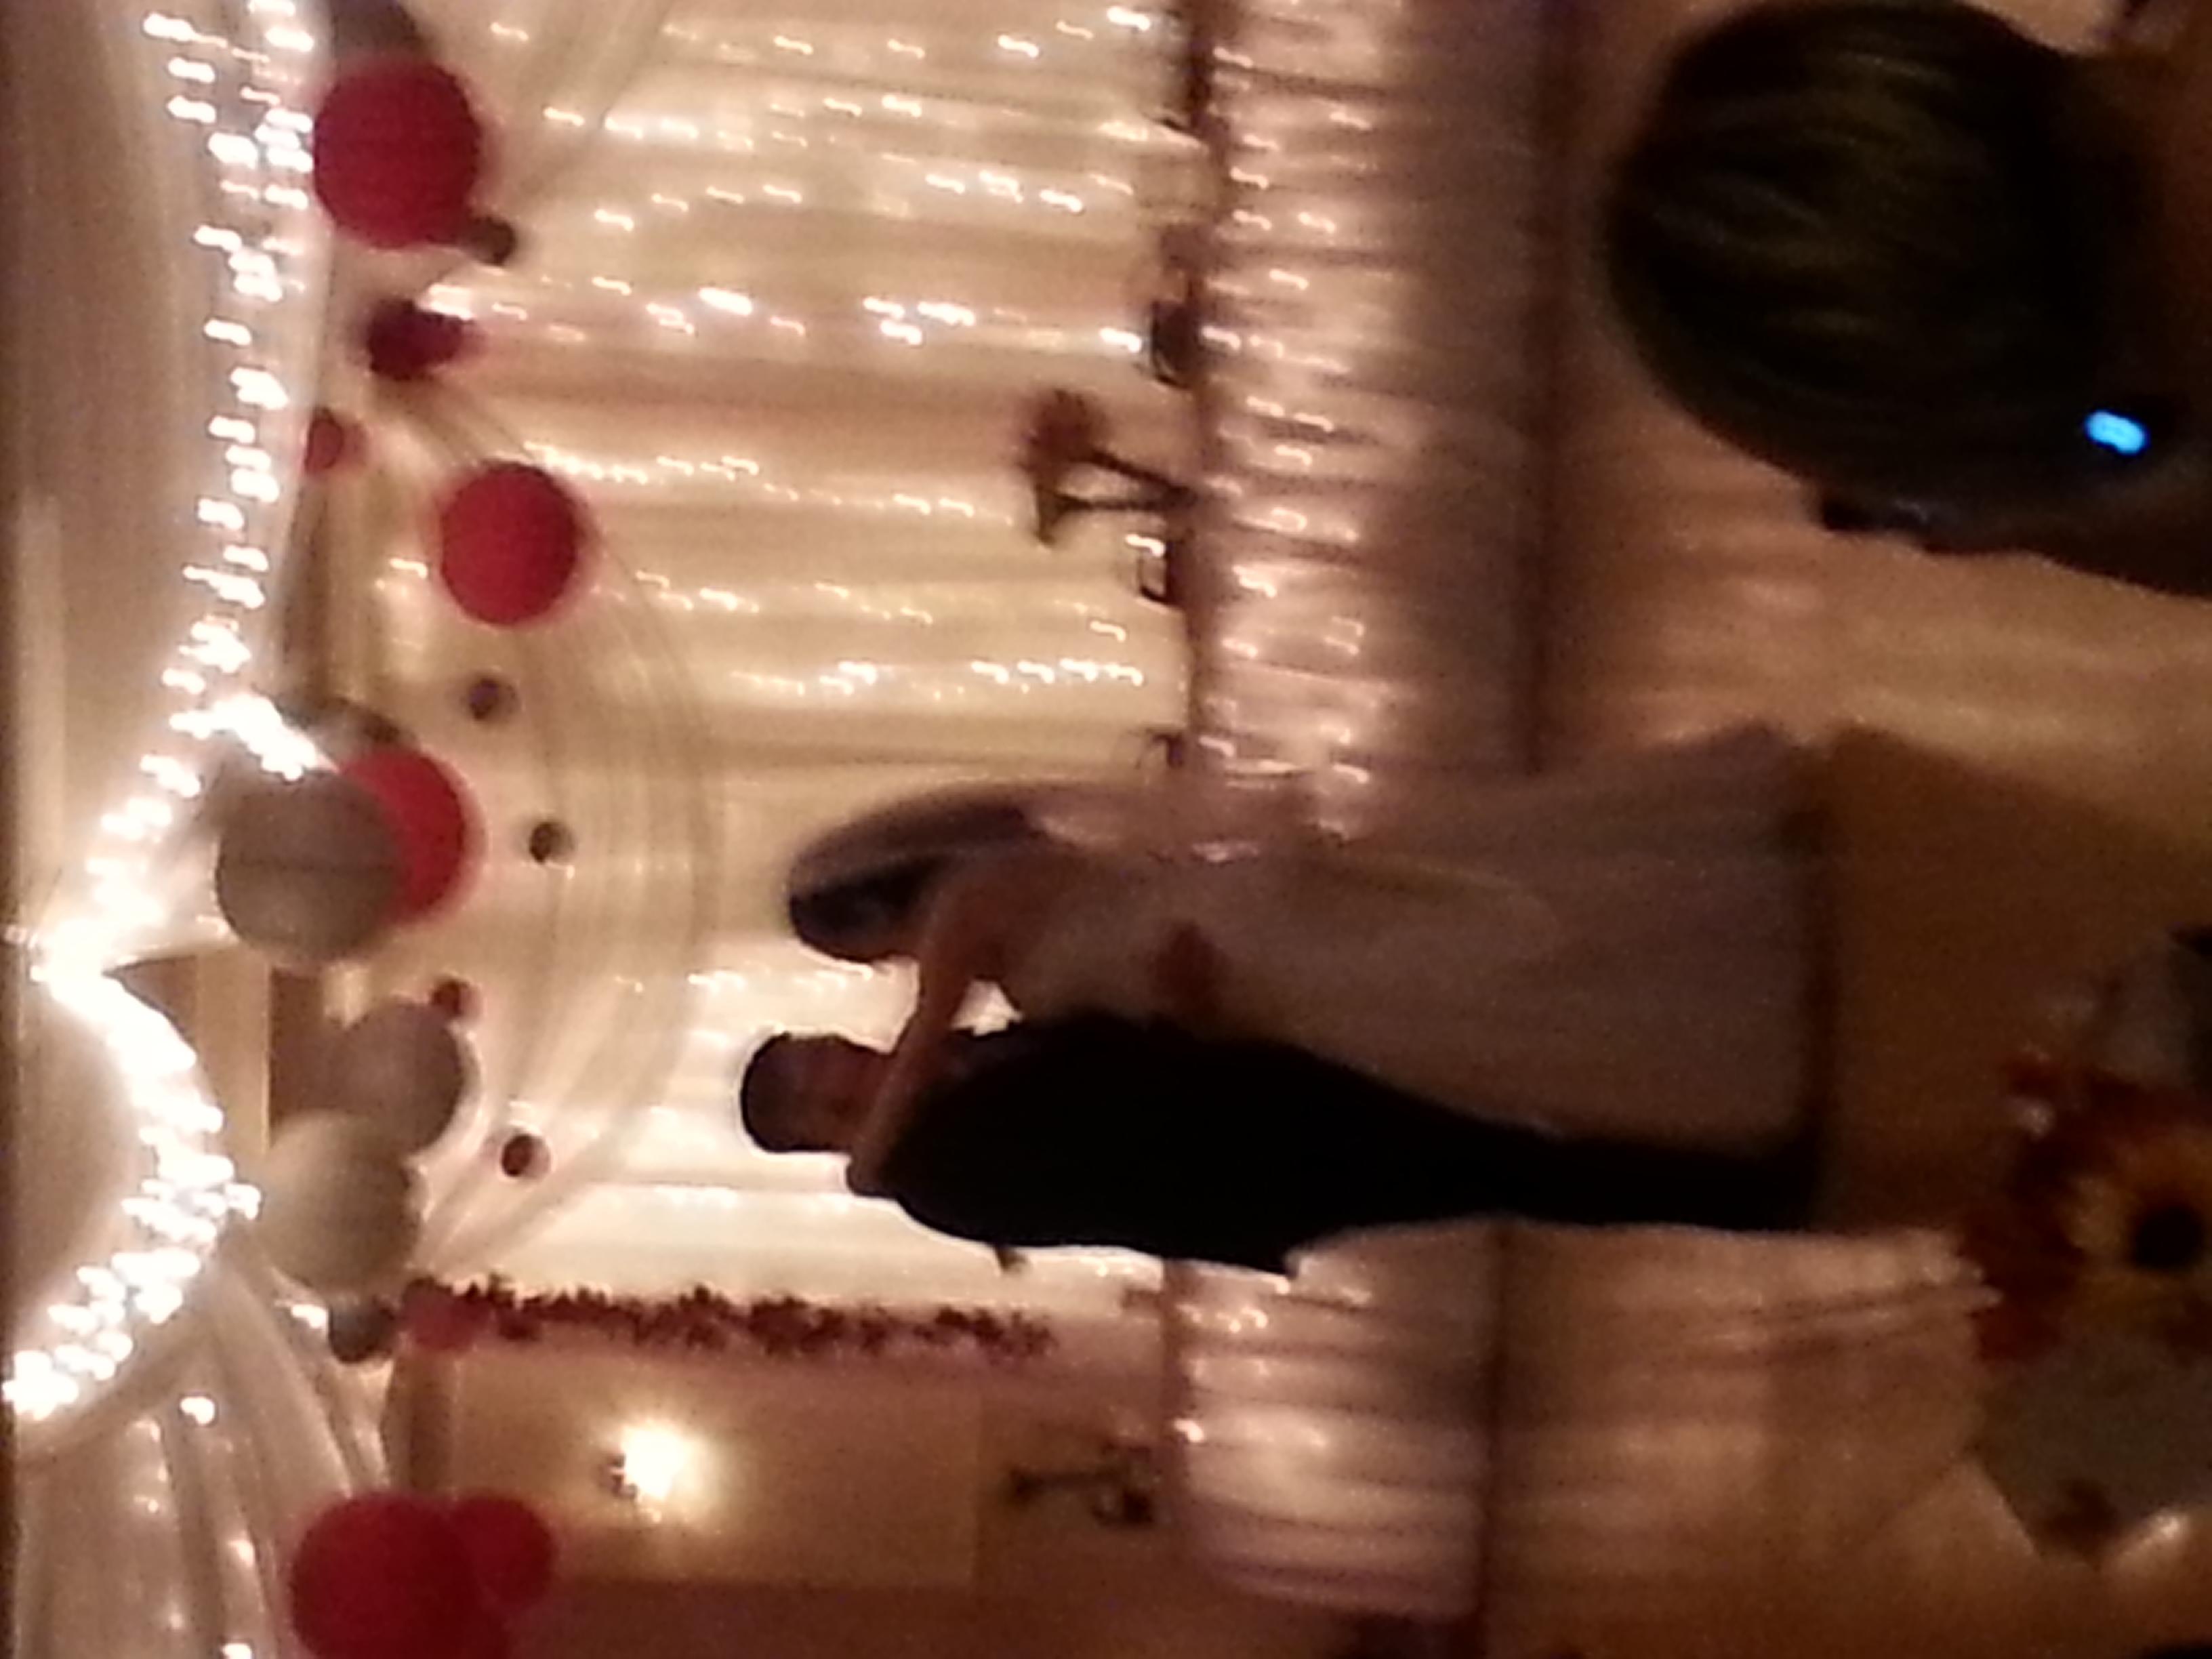 blurry photo from best friends weddig!